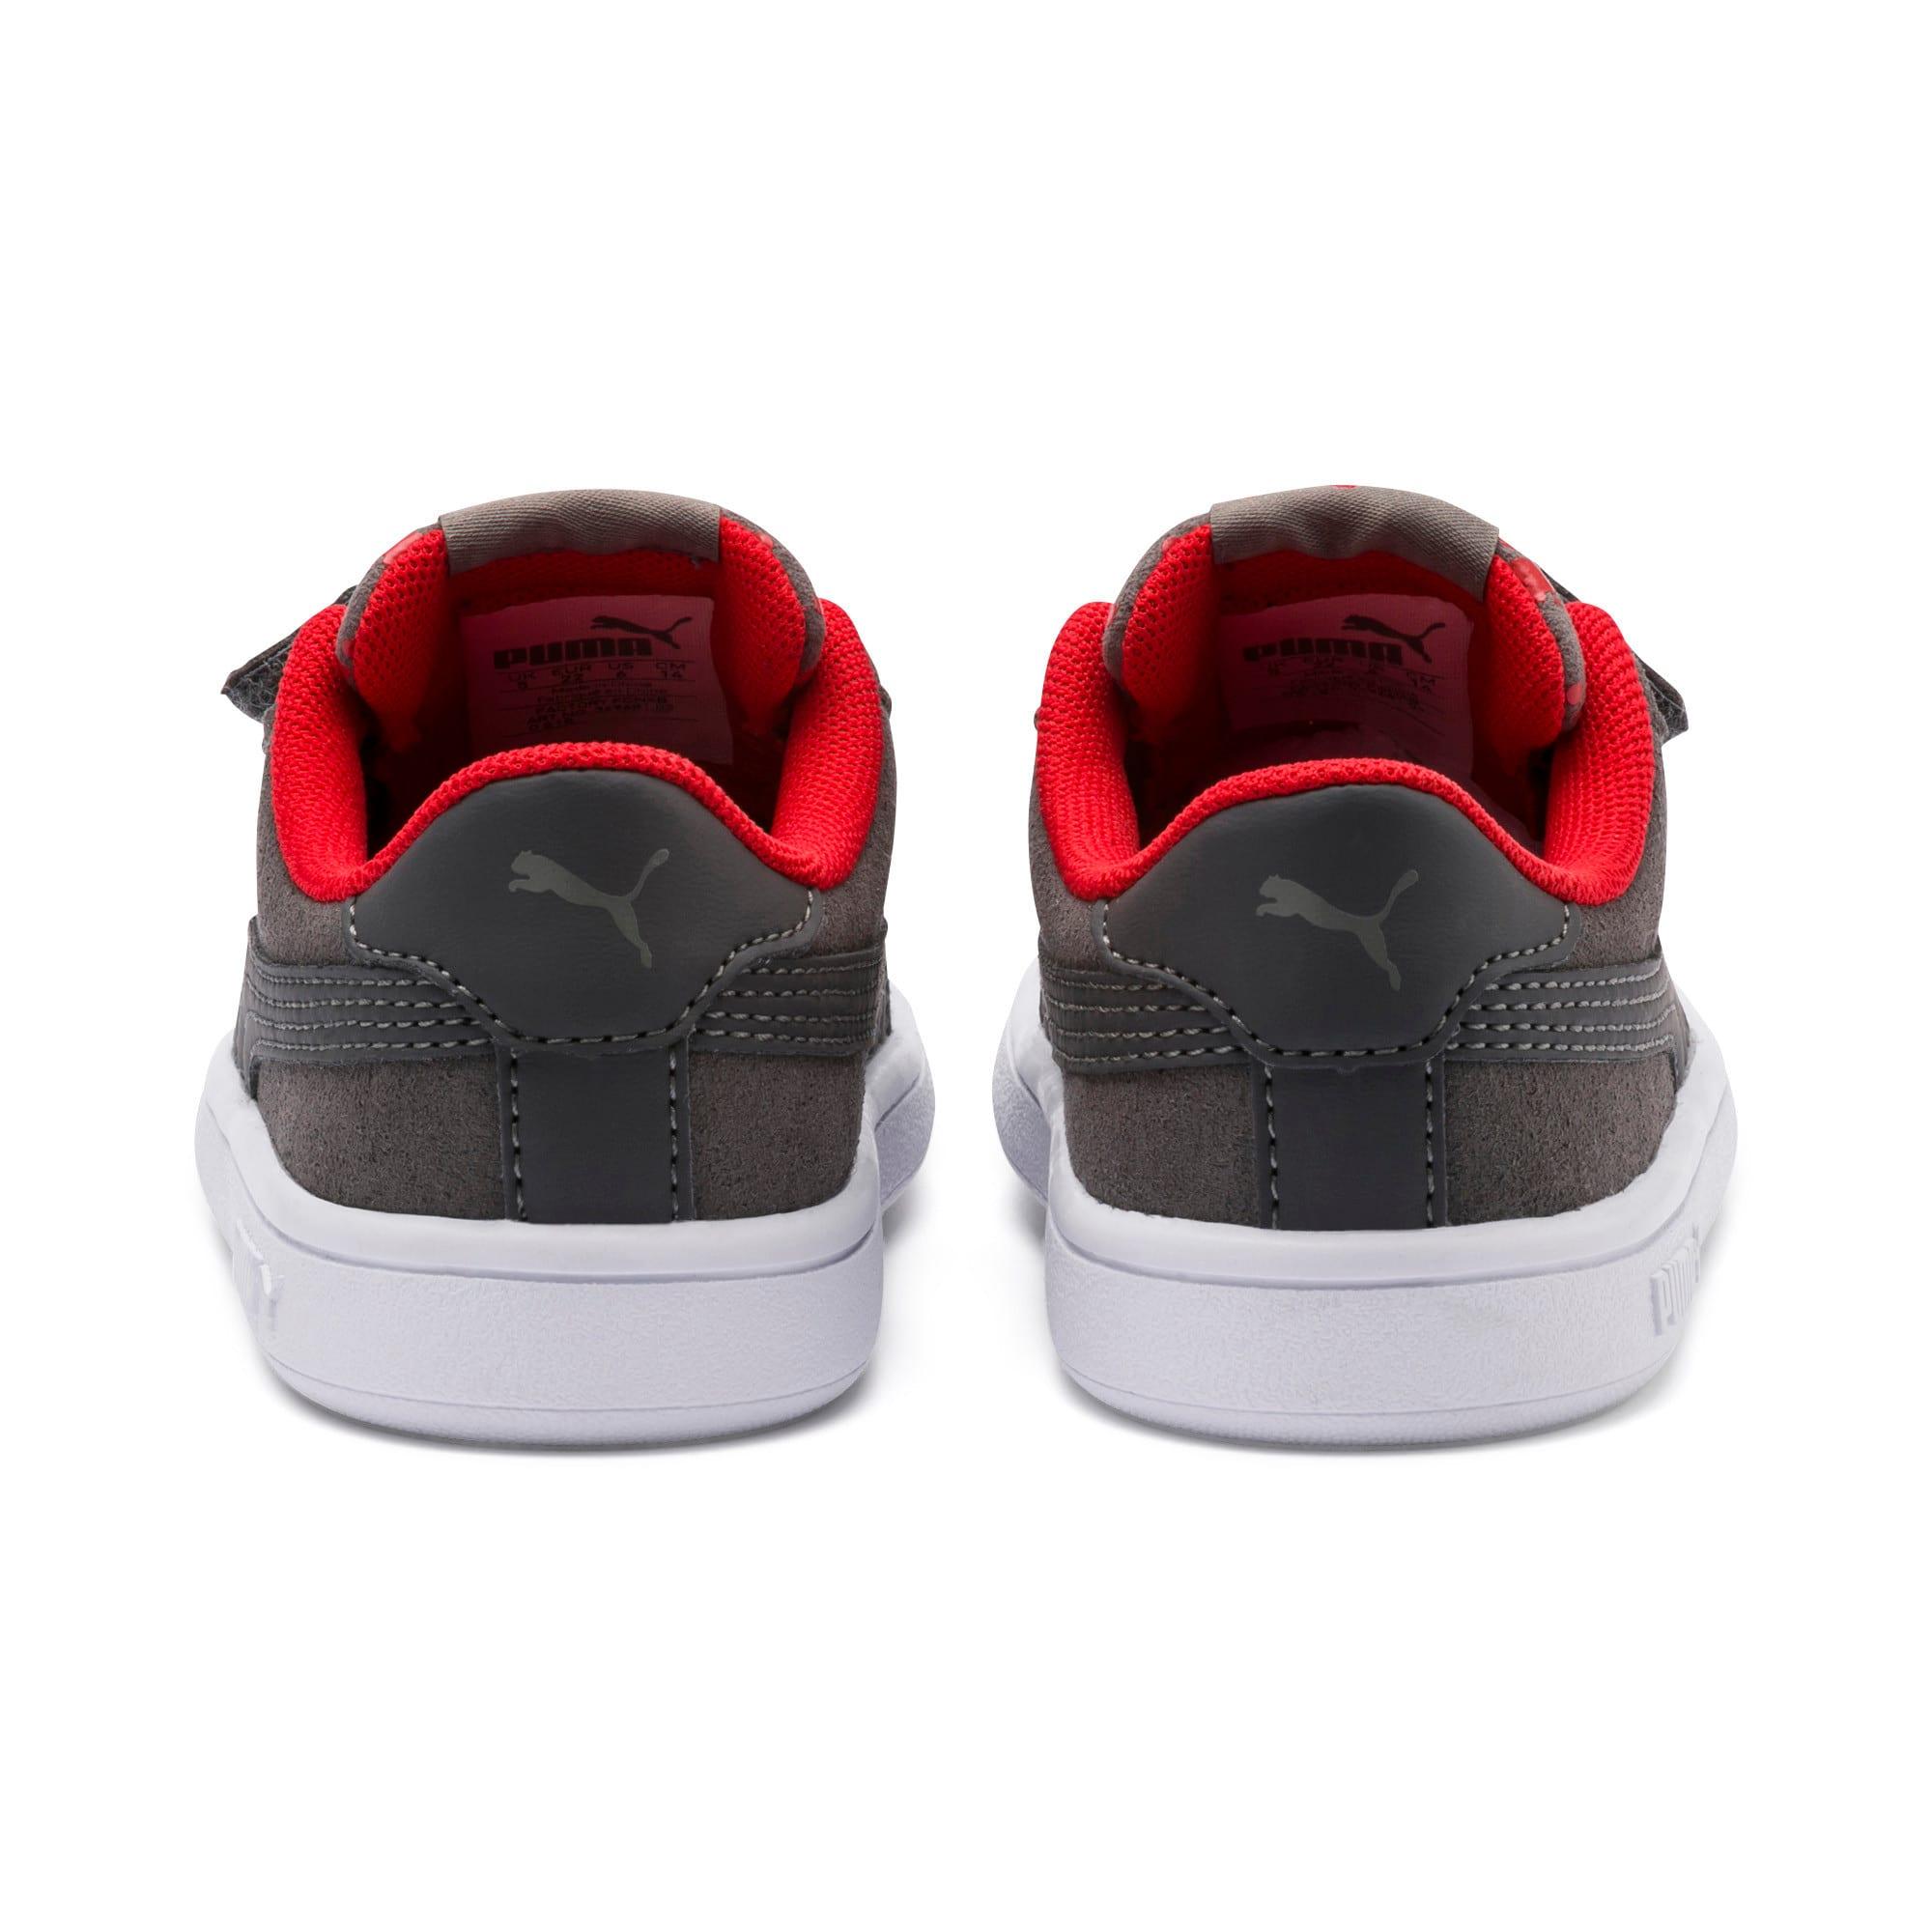 Thumbnail 3 of Smash v2 Monster Kinder Sneaker, Asphalt-C. Gray-Red-White, medium